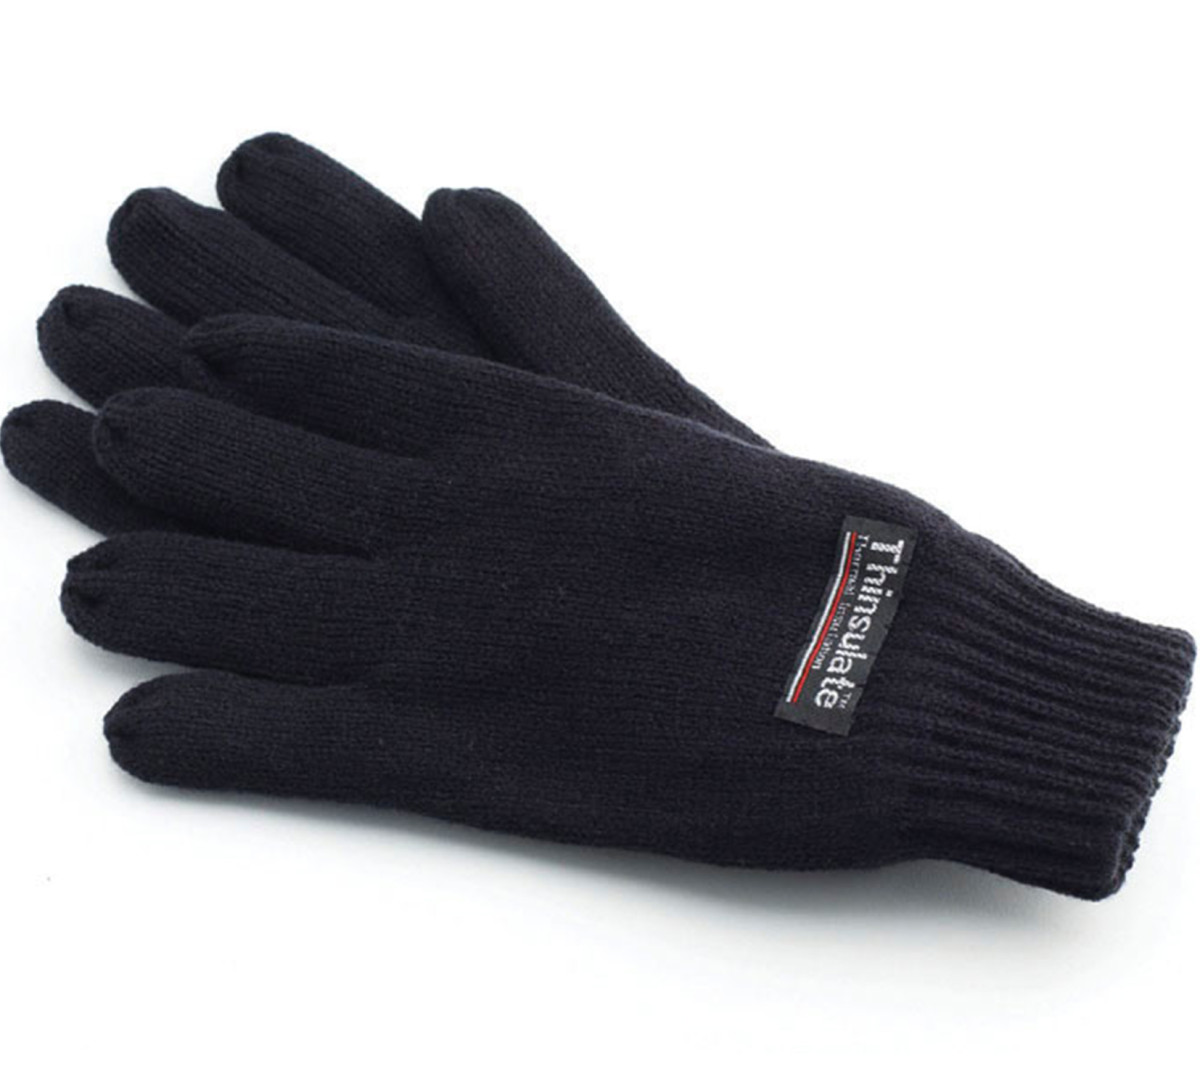 3M Thinsulte Full Finger Gloves